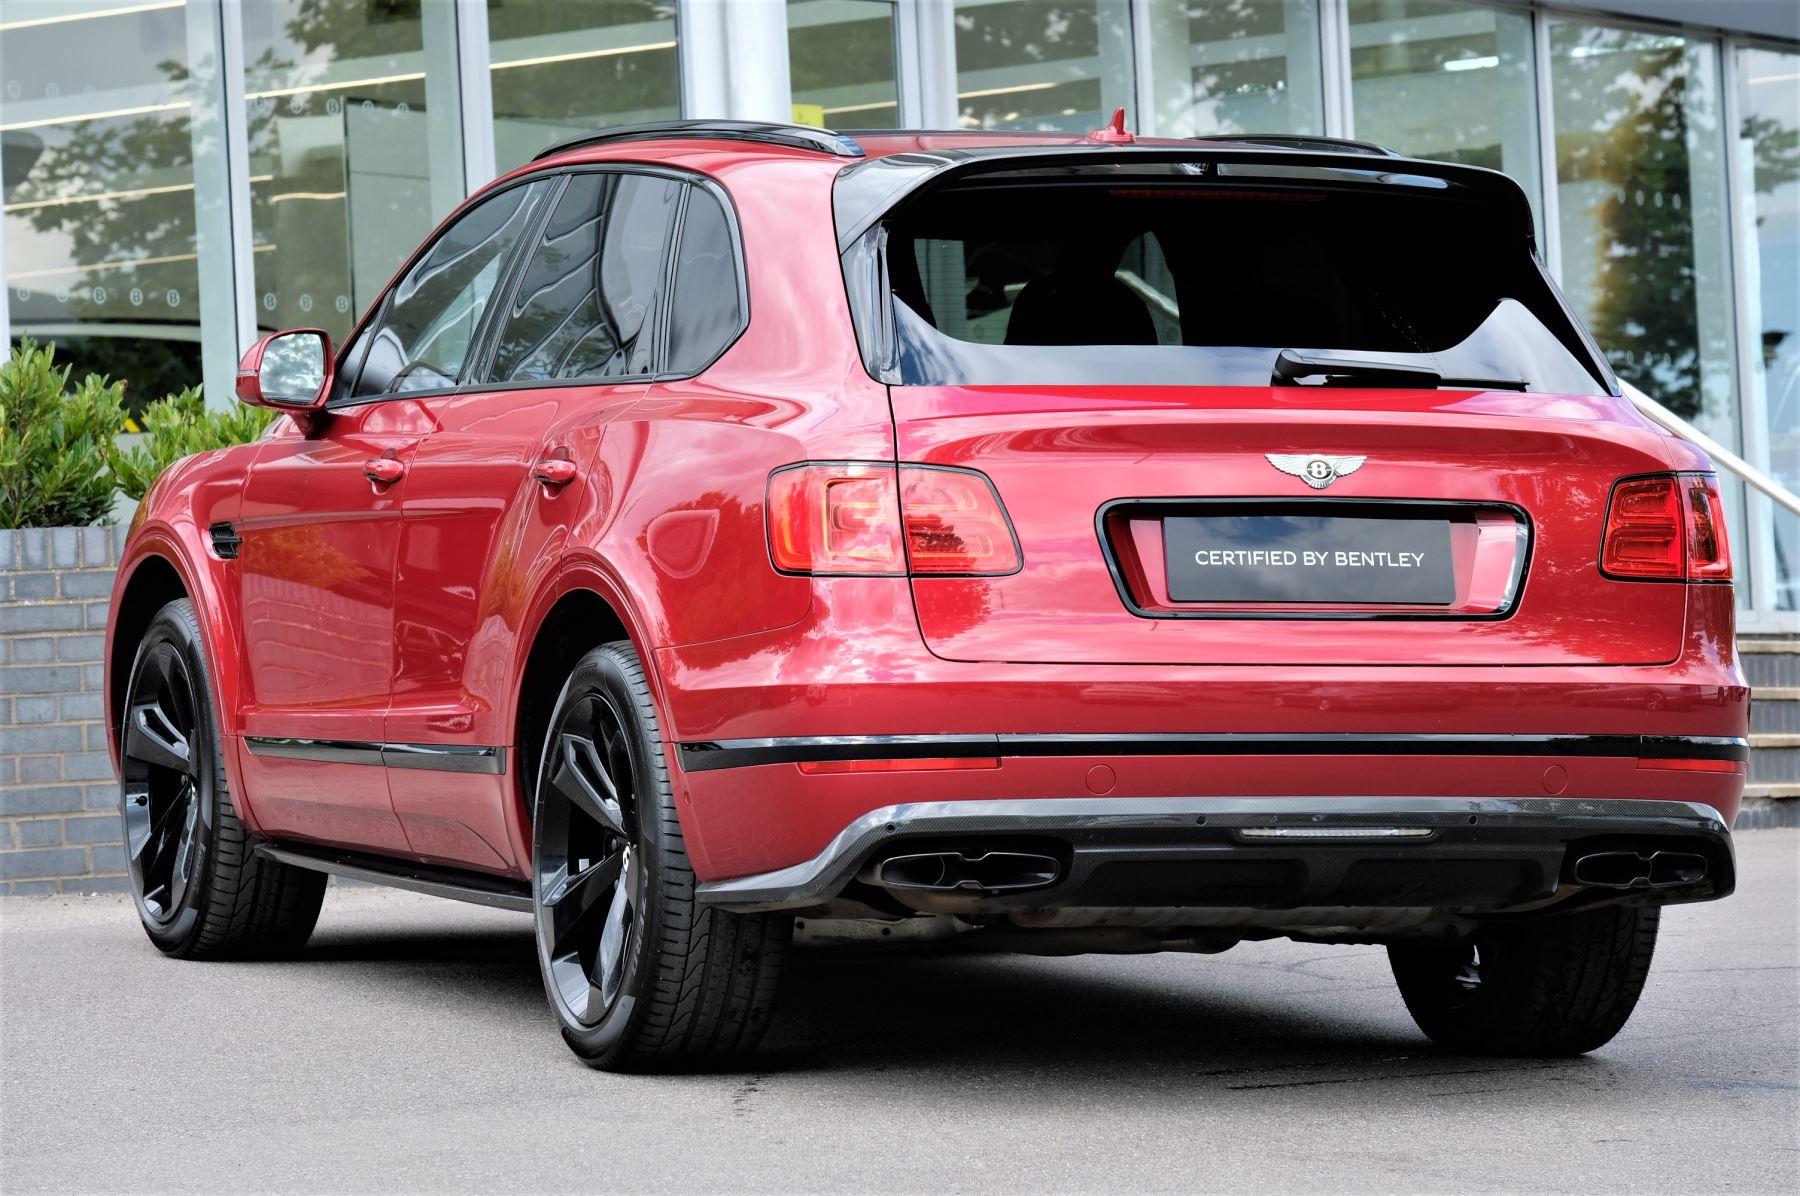 Bentley Bentayga V8 4.0 V8 5dr Mulliner Driving Specification image 5